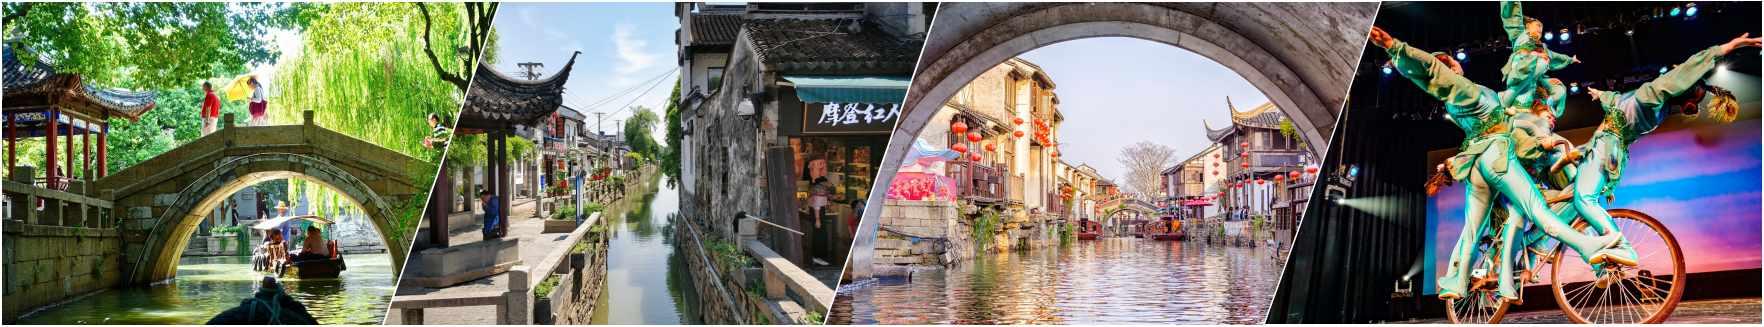 China - Hong Kong